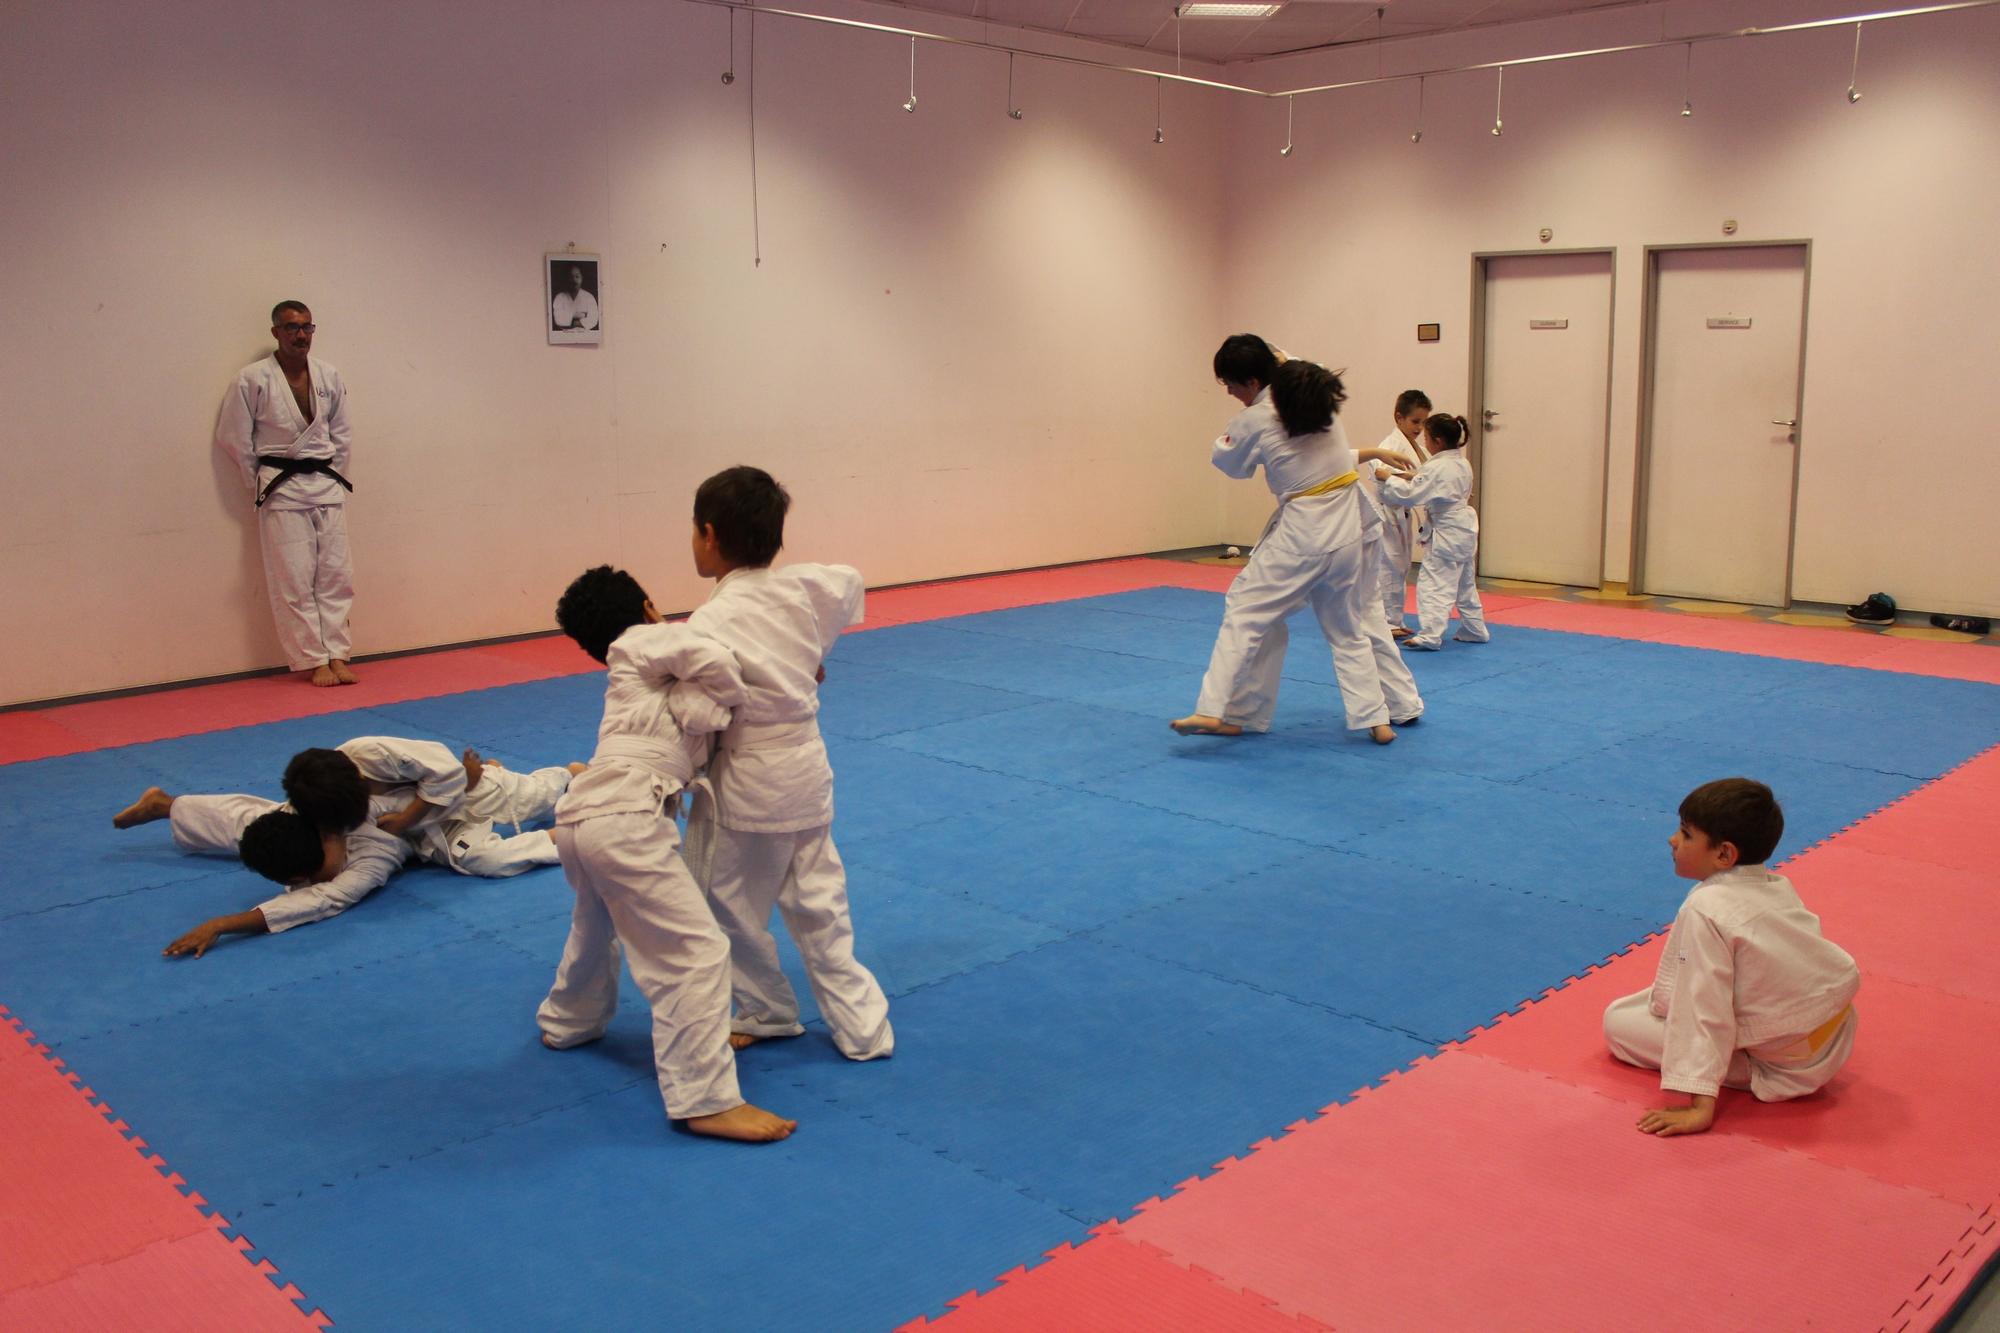 Les activités proposées par l'AJCM sont destinées aux enfants comme aux adultes. ©AL